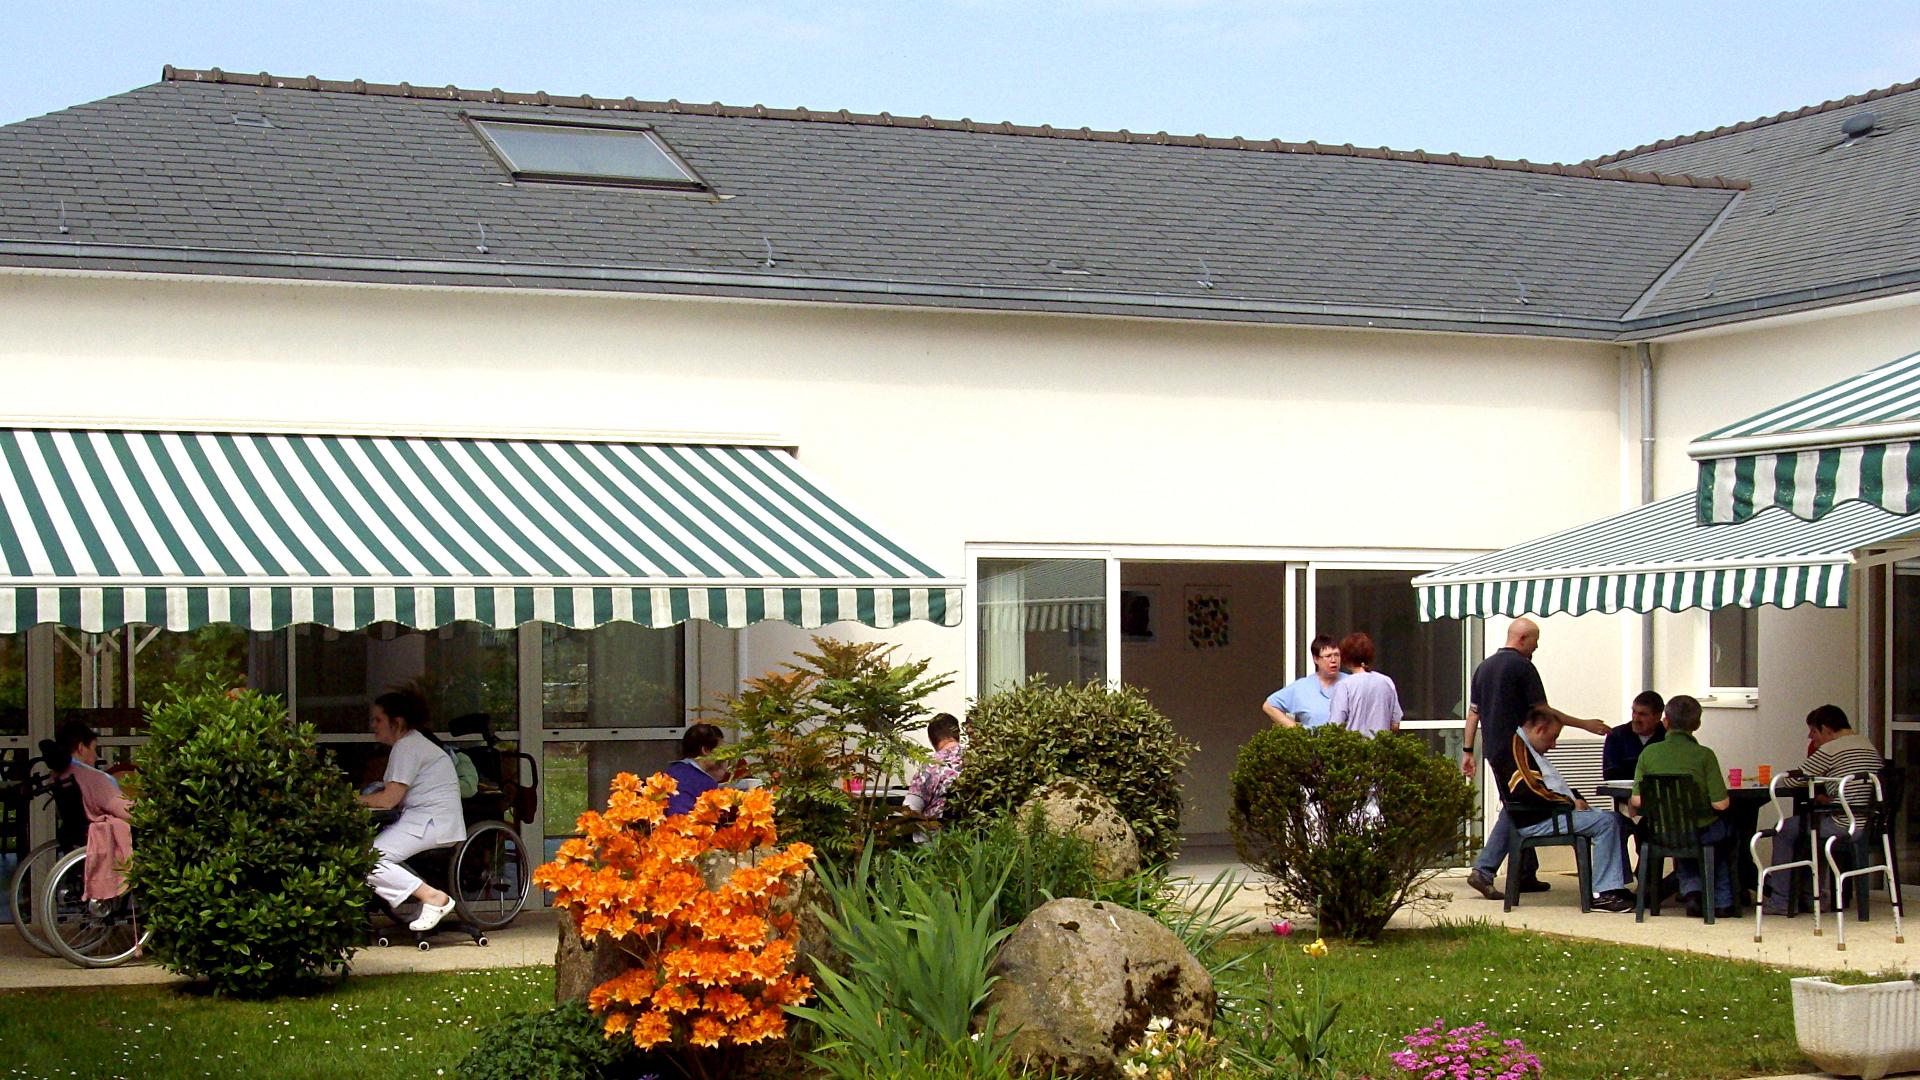 Un Après Midi à La Maison D'accueil Spécialisée (mas) Le Village Vert De Carhaix Plouguer (29)